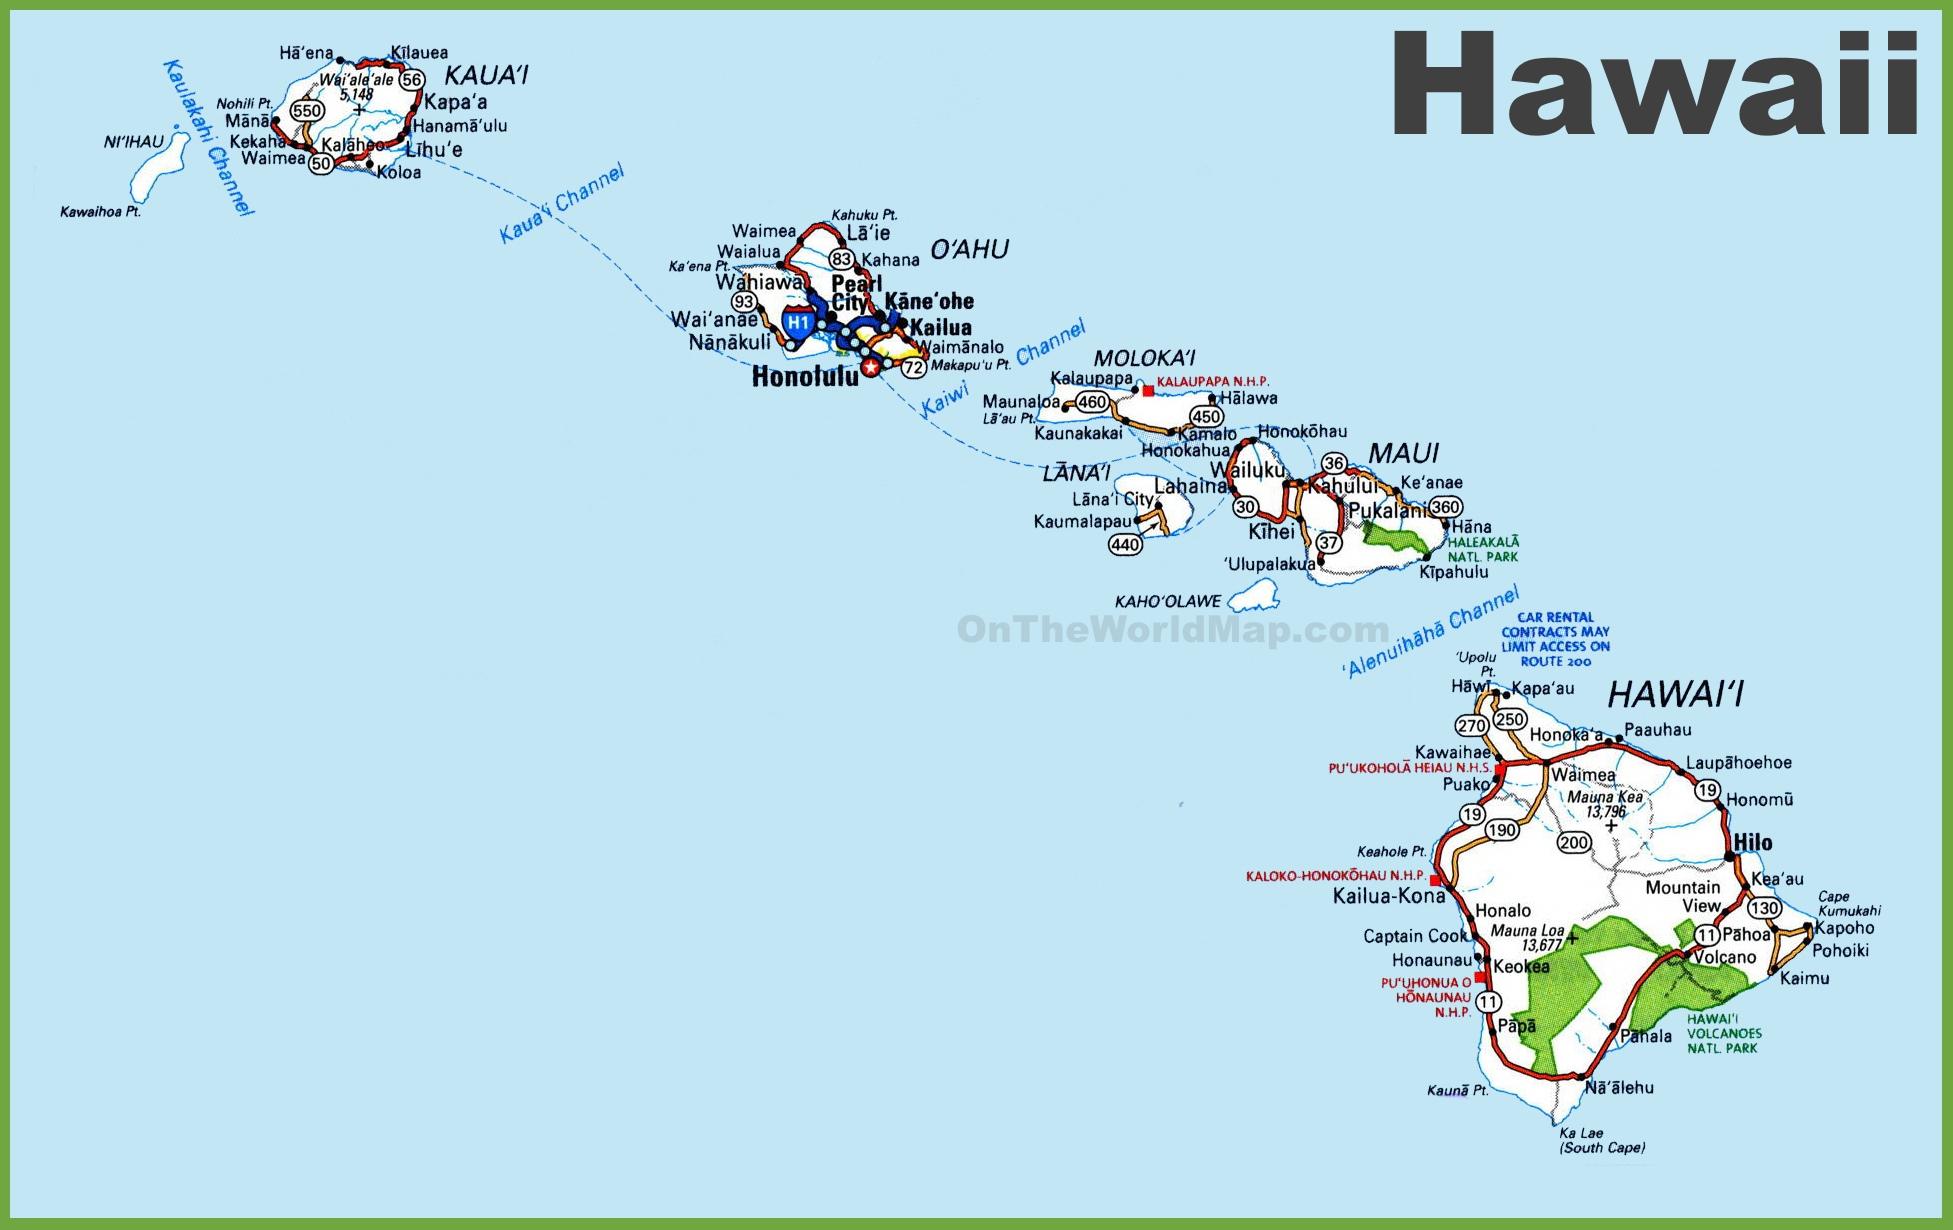 Hawaii Road Map Blank Map Map Of Hawaiian Islands And California - Map Of Hawaiian Islands And California